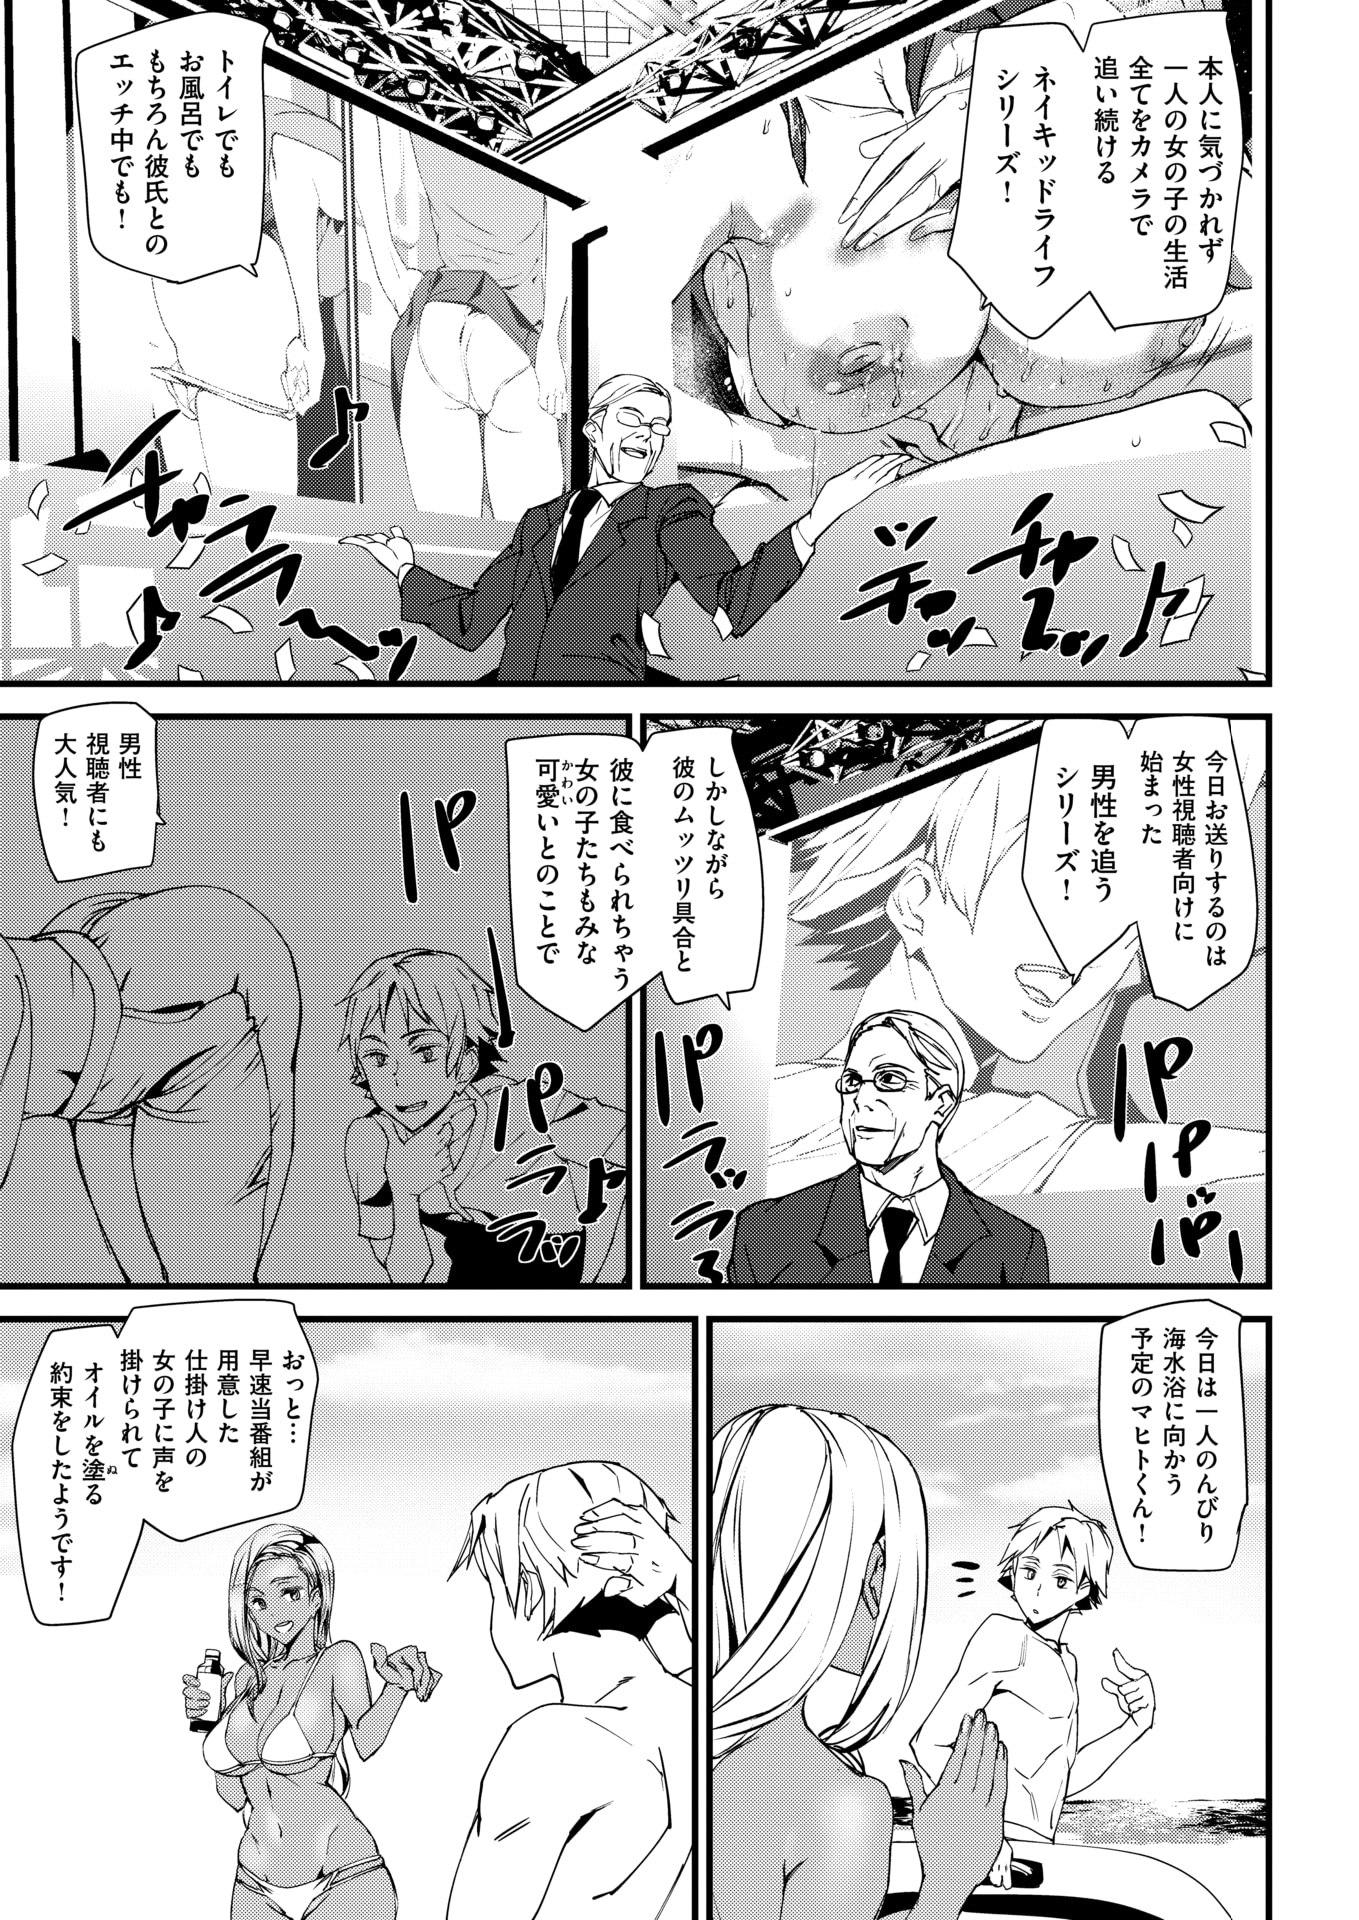 【ギャル巨乳エロ漫画】MAHITO NAKED LIFE_00003